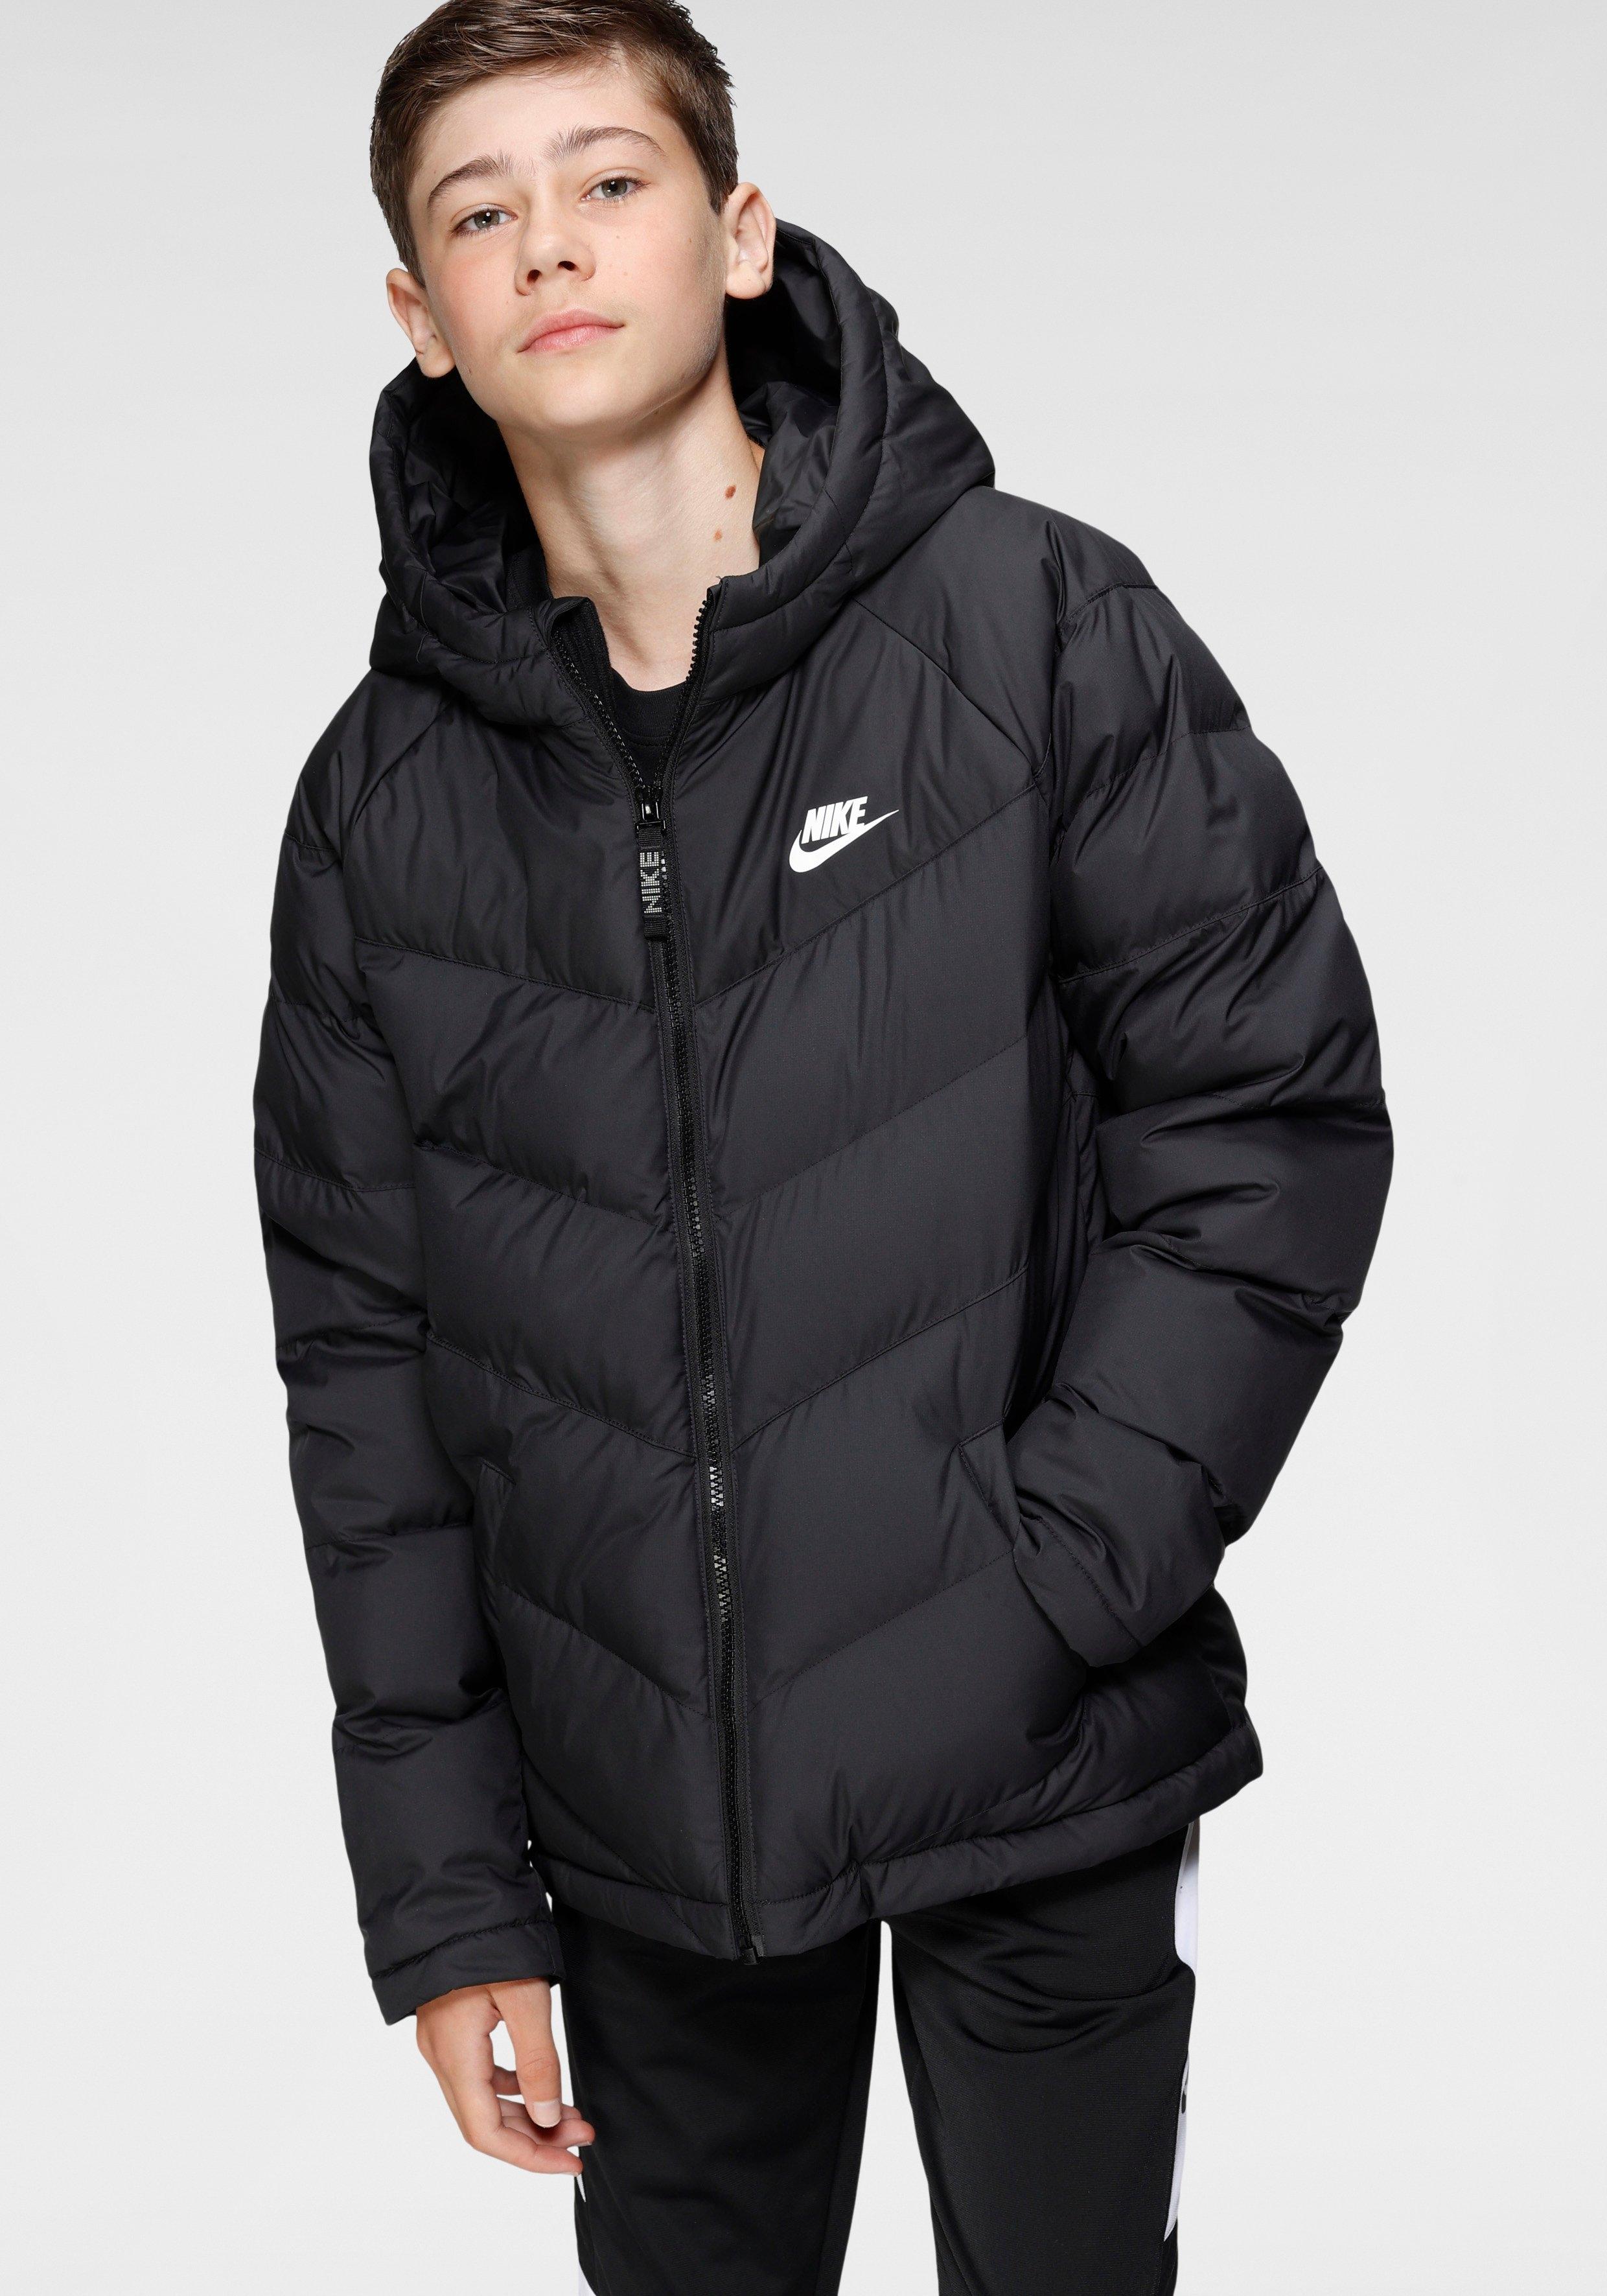 Nike Sportswear Nike gewatteerde jas »NIKE SPORTSWEAR FILLED JACKET« bij OTTO online kopen